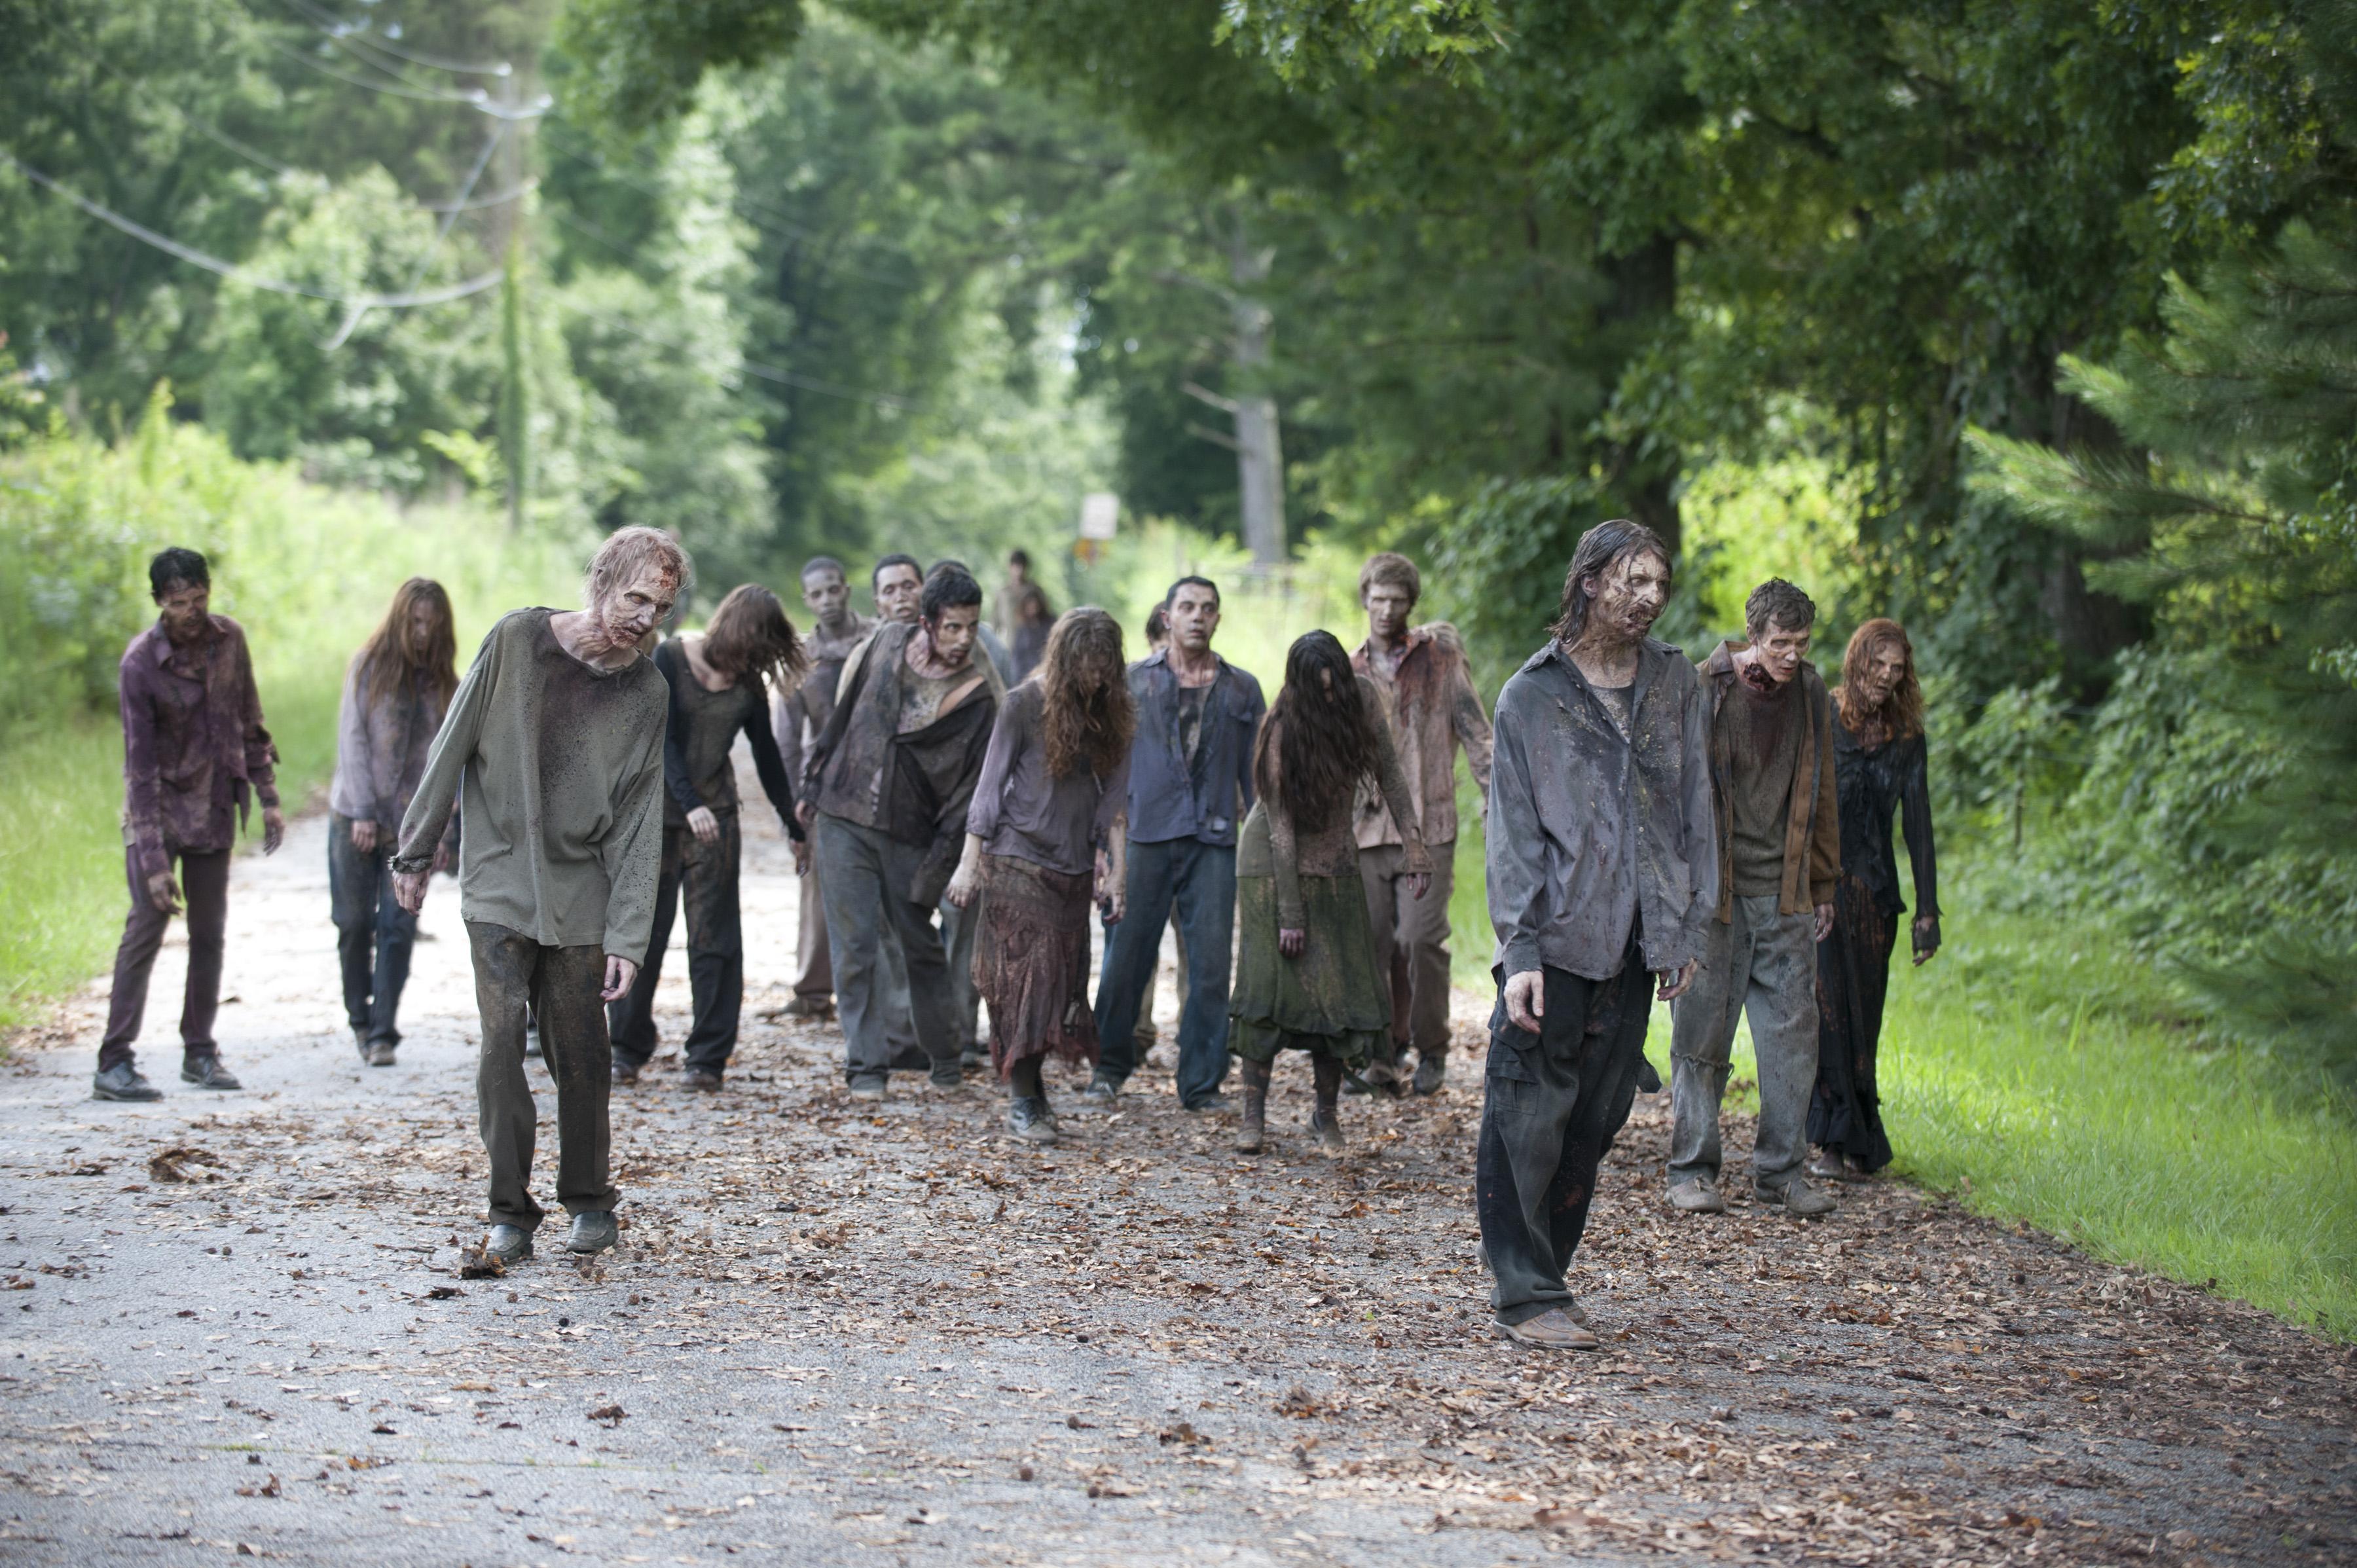 The Walking Dead Celebrity Zombies: Will Ferrell, Emma ...